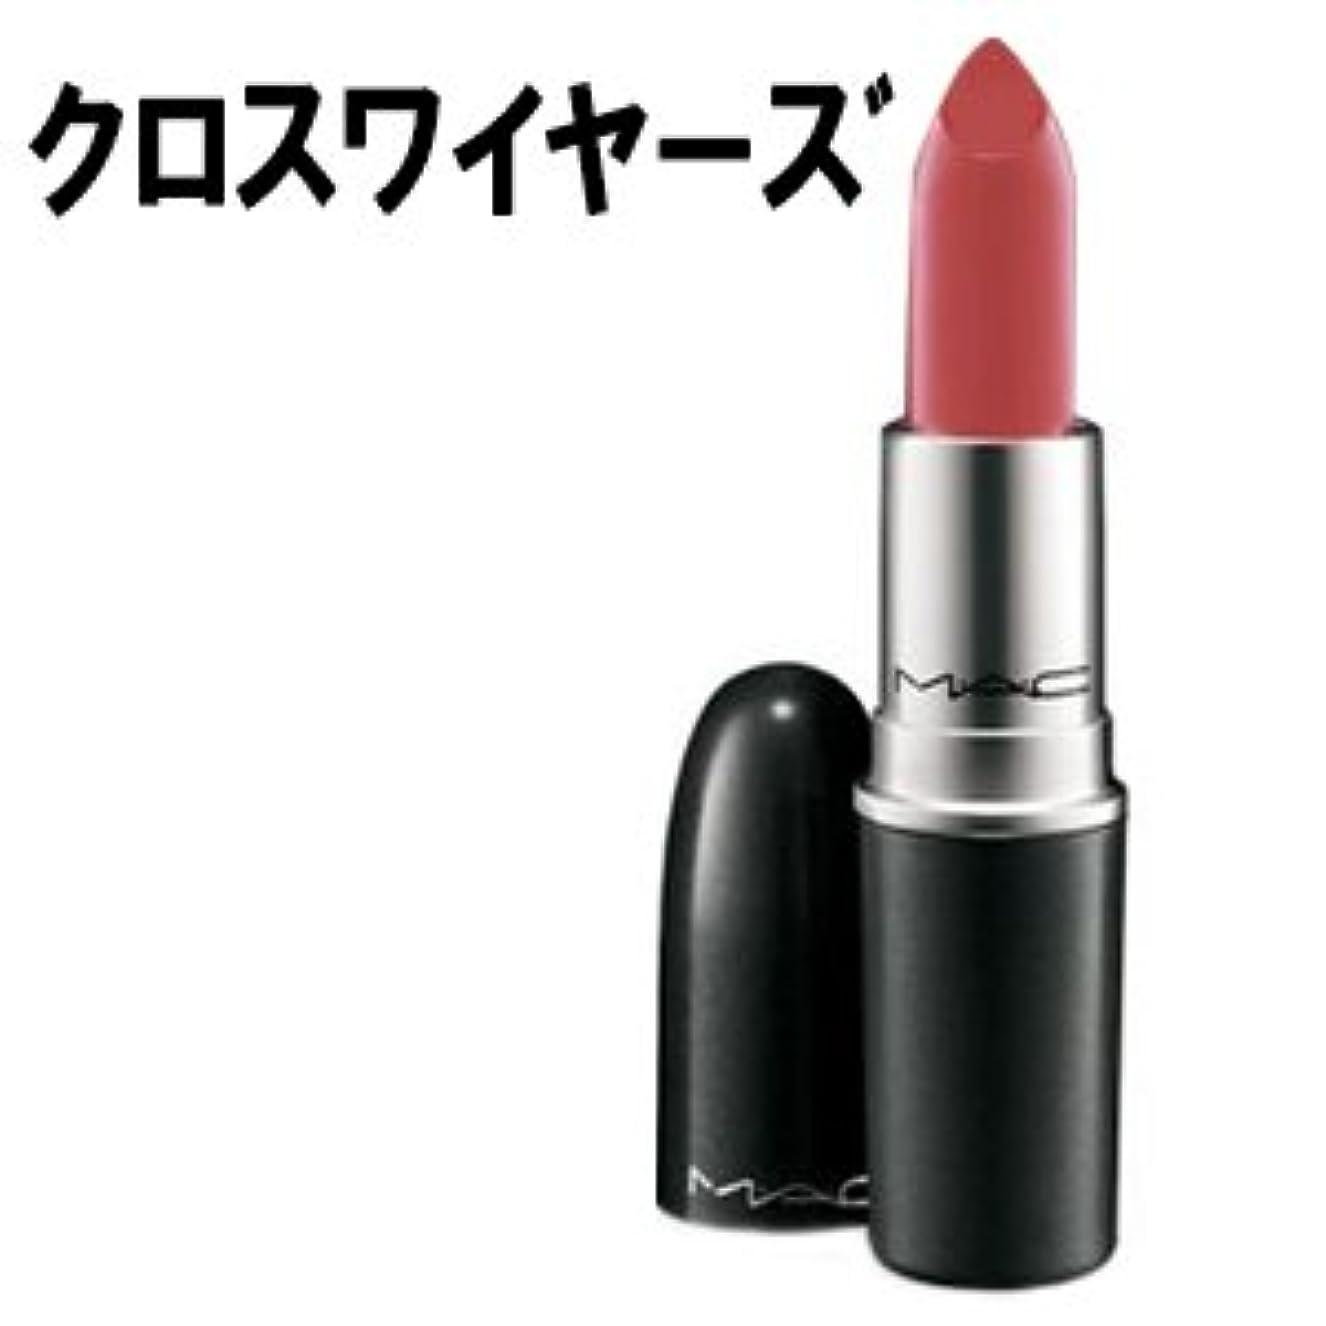 軽量ピュー油MAC リップ リップスティック #クロスワイヤーズ 【並行輸入品】